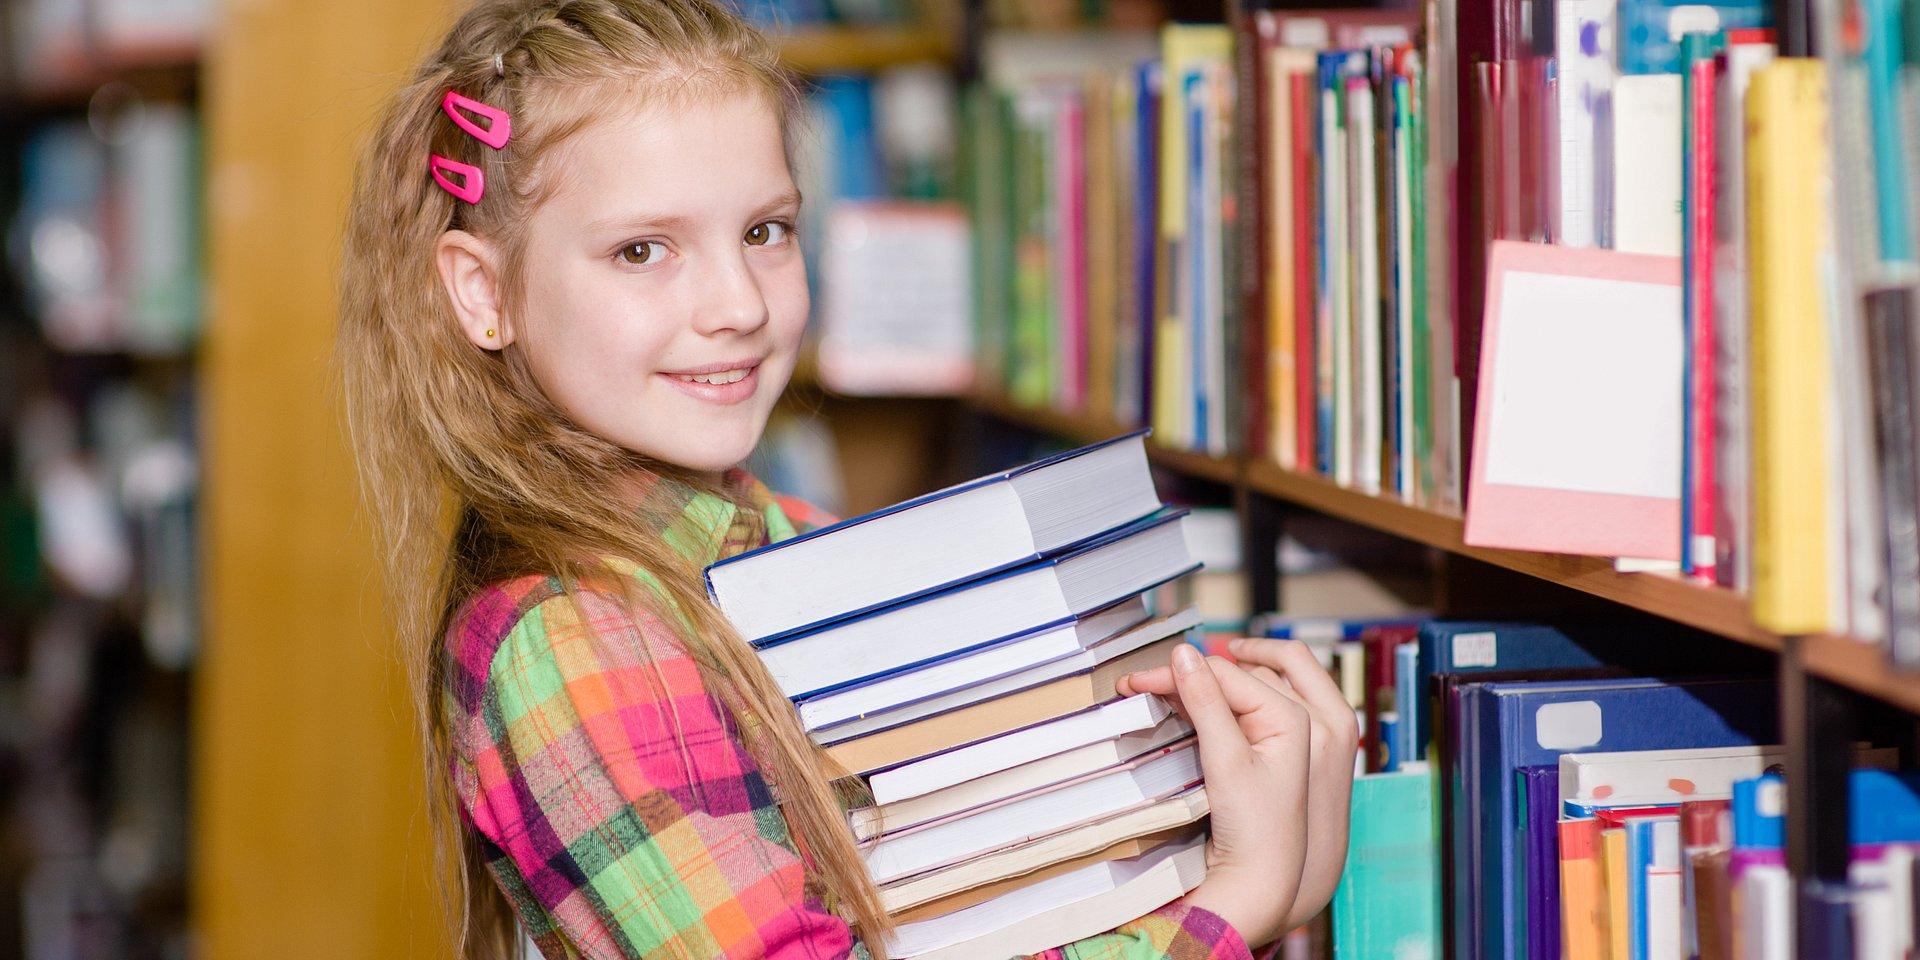 Zdecyduj, które szkolne biblioteki otrzymają w sumie 10 tysięcy książek! Każdy głos się liczy!